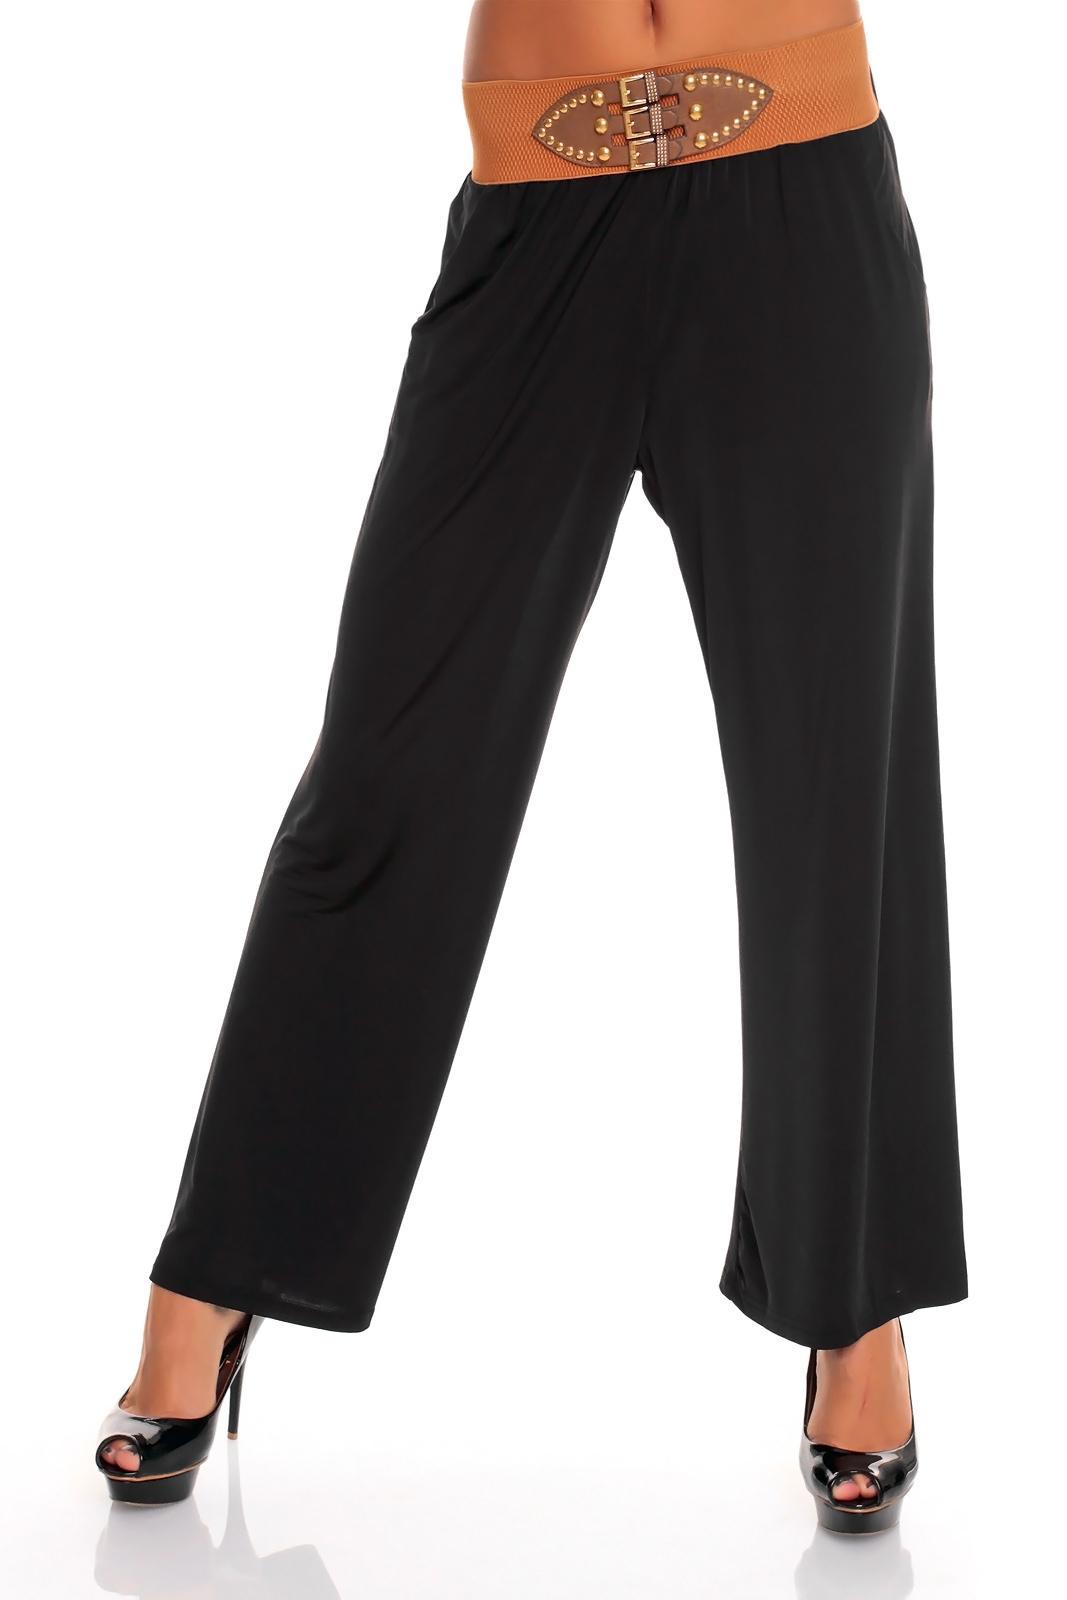 hose schlaghose pluderhose leggings businesshose weites bein 6 farben ebay. Black Bedroom Furniture Sets. Home Design Ideas